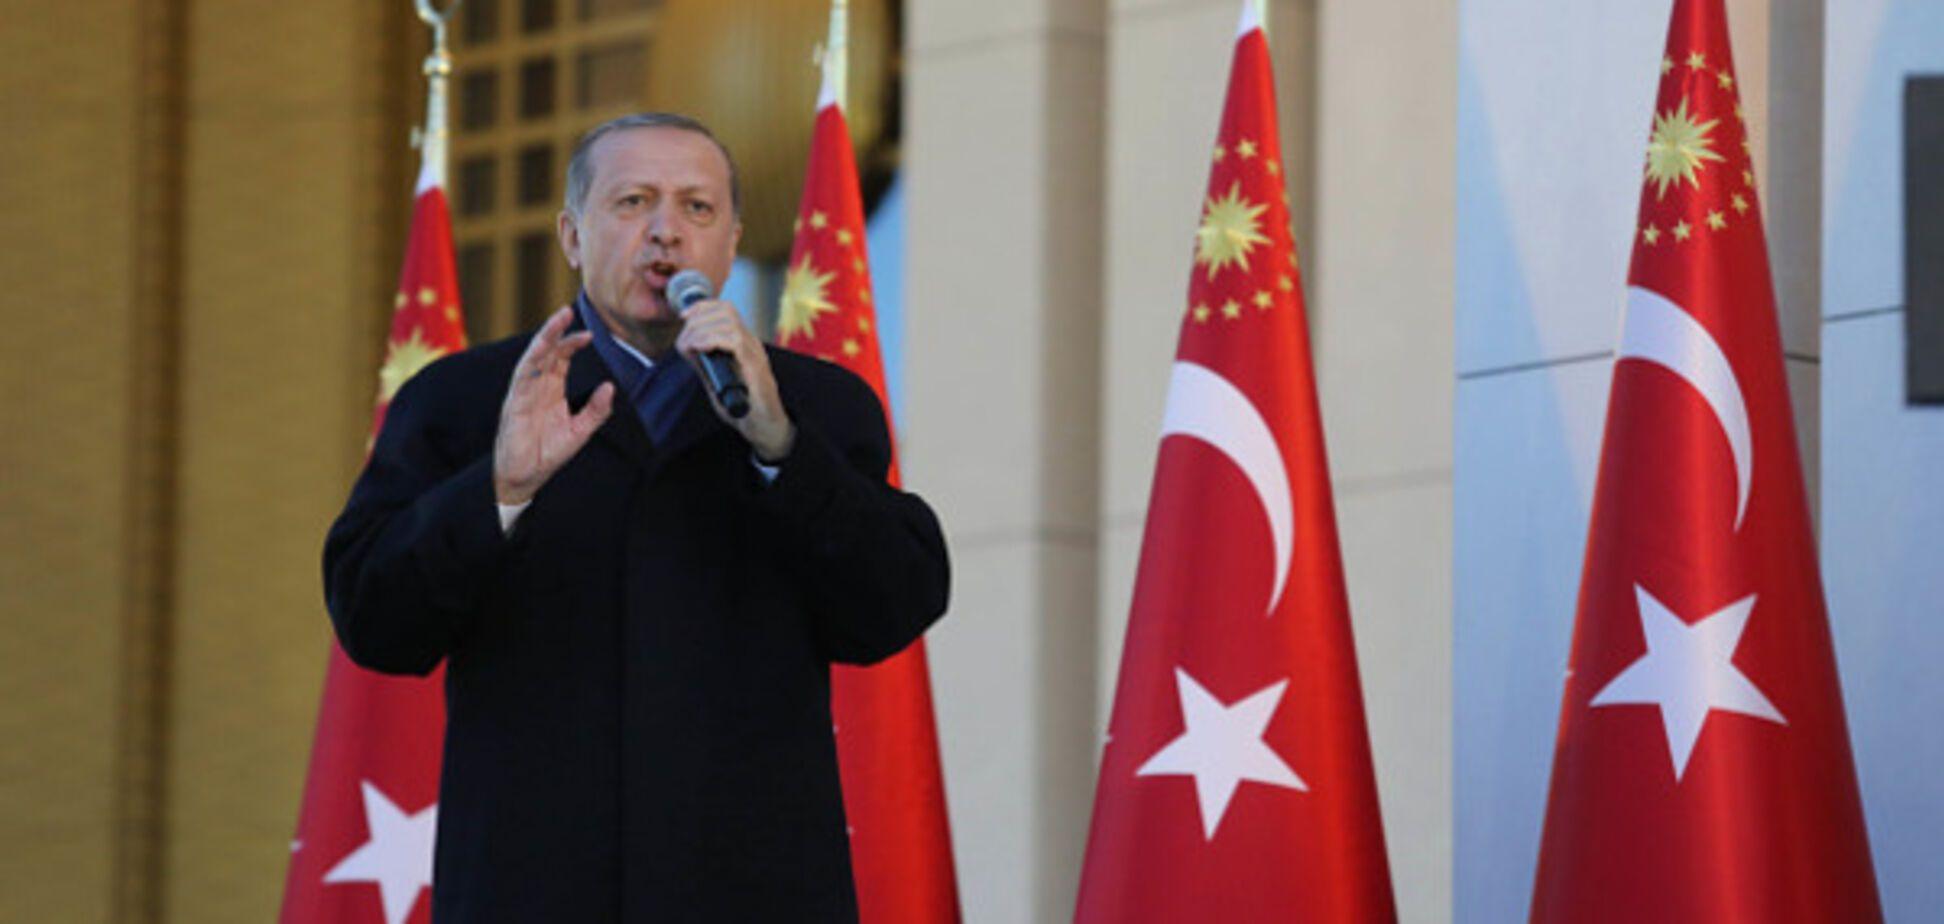 Ердогану і ЄС треба поговорити, навіщо результати?